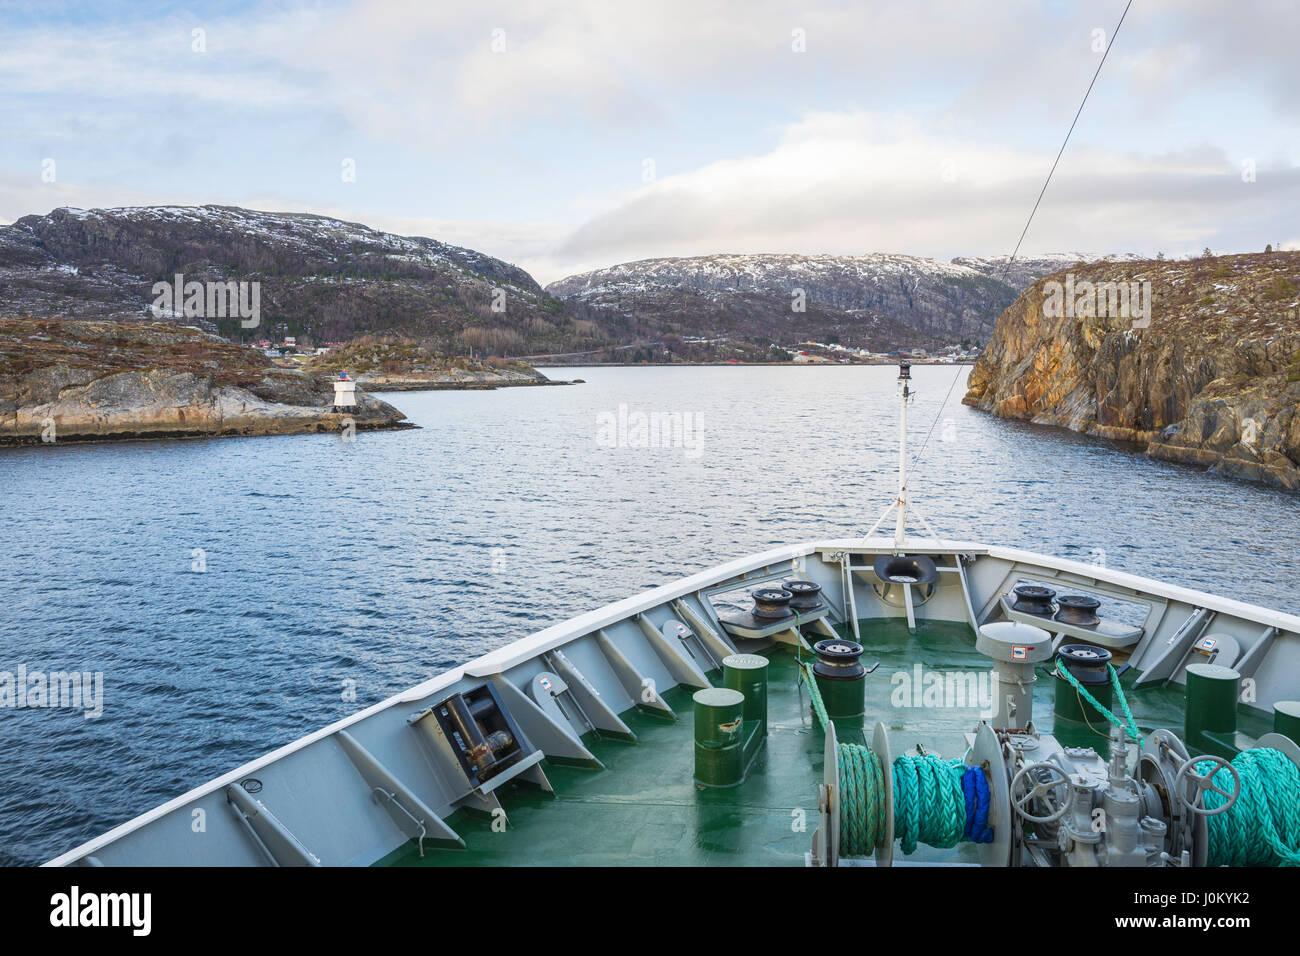 Navire Hurtigruten, Mme Richard avec, fait son chemin à travers l'étroit détroit de Stokksund, la Norvège. Krokholmen Brennholmen à gauche, à droite. Banque D'Images